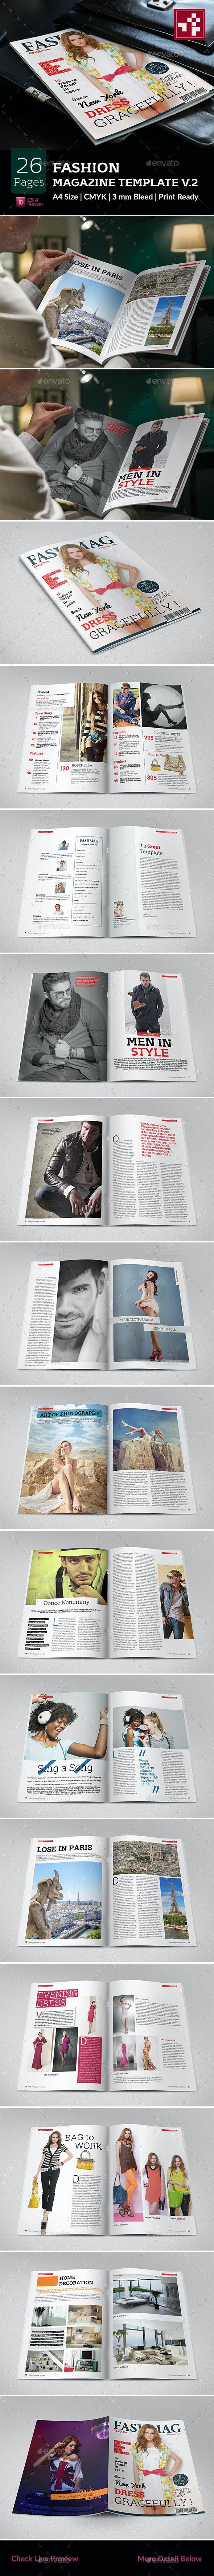 Fashion Magazine Template V.2 - Magazines Print Templates